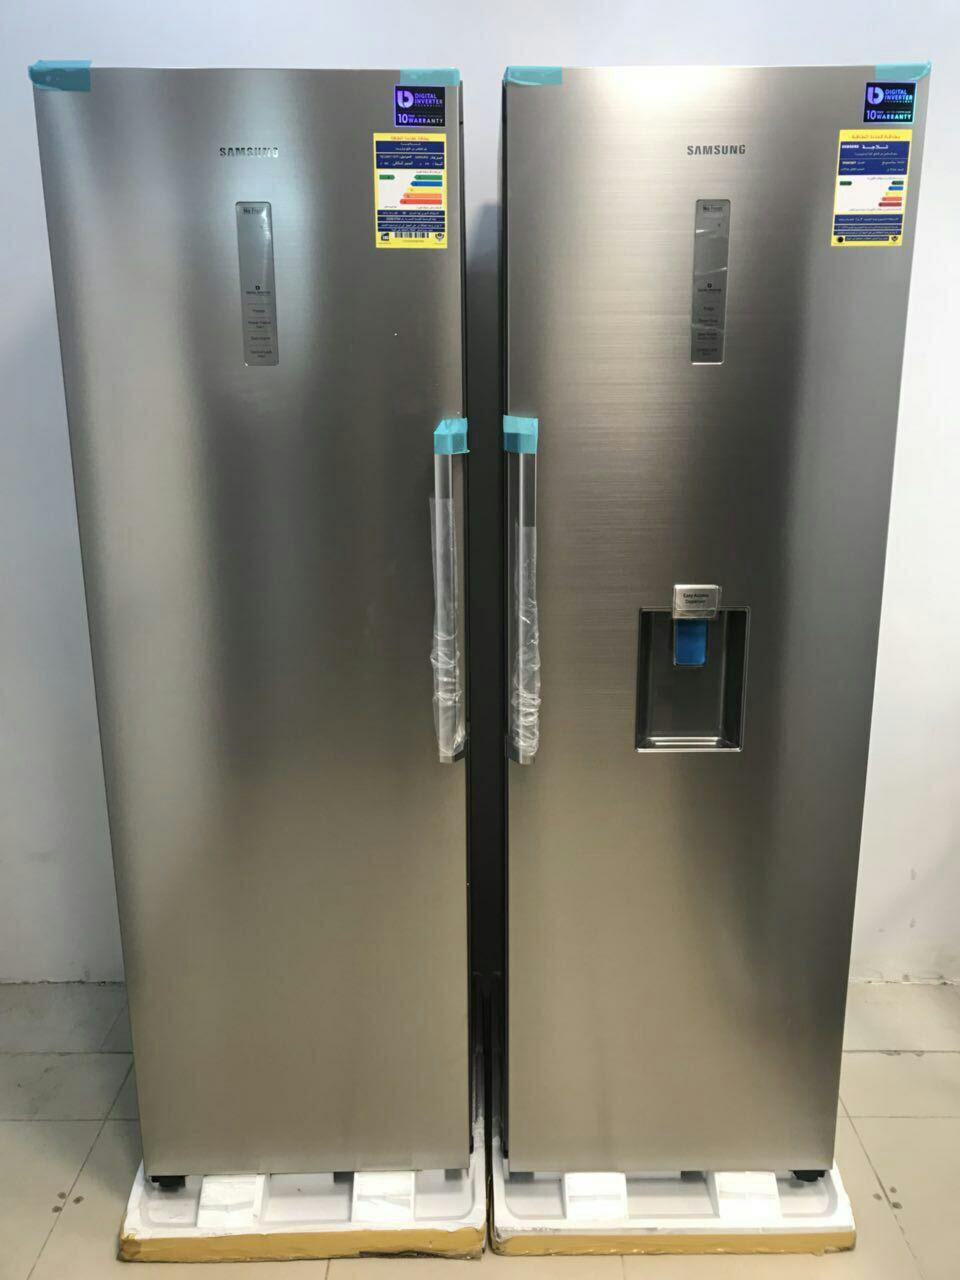 قیمت یخچال فریزر دوقلو سامسونگ 40 فوت